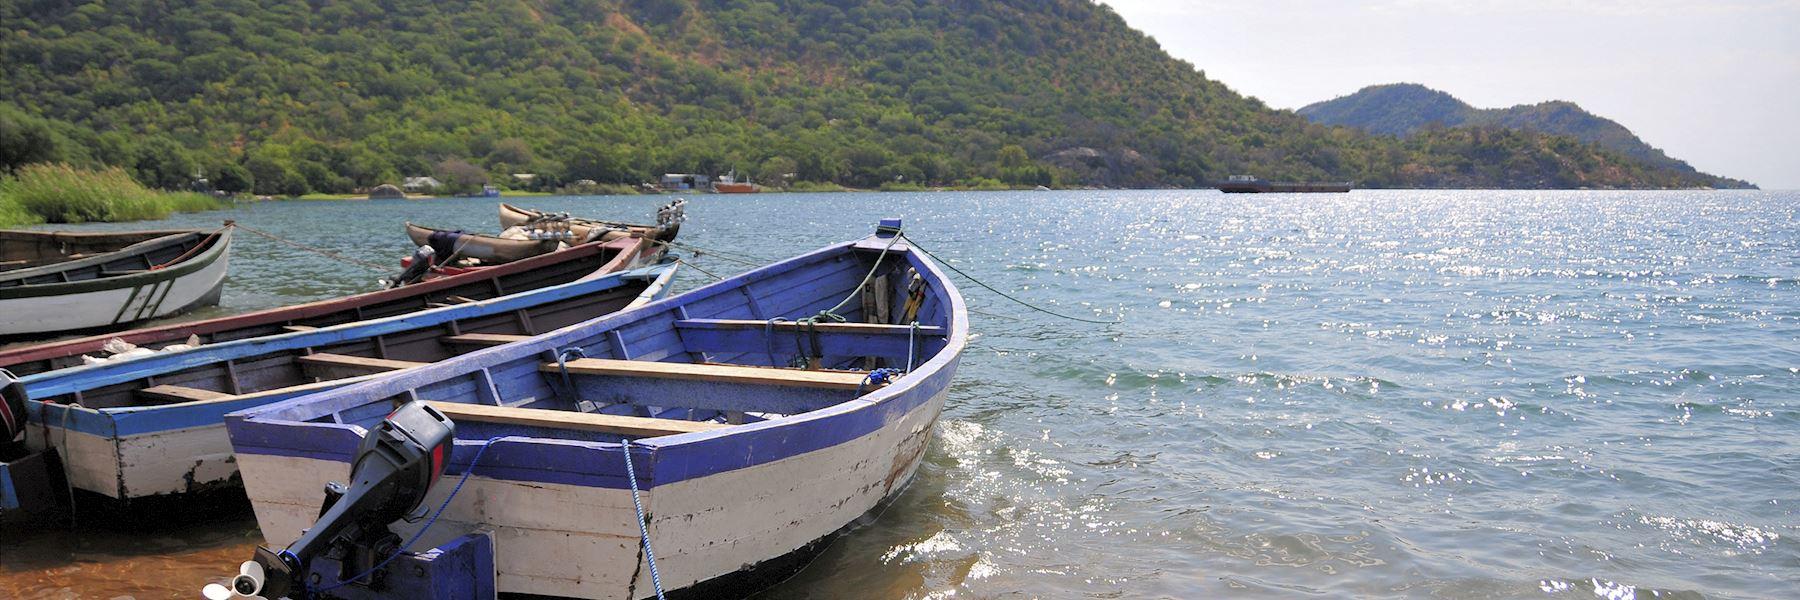 Malawi trip ideas